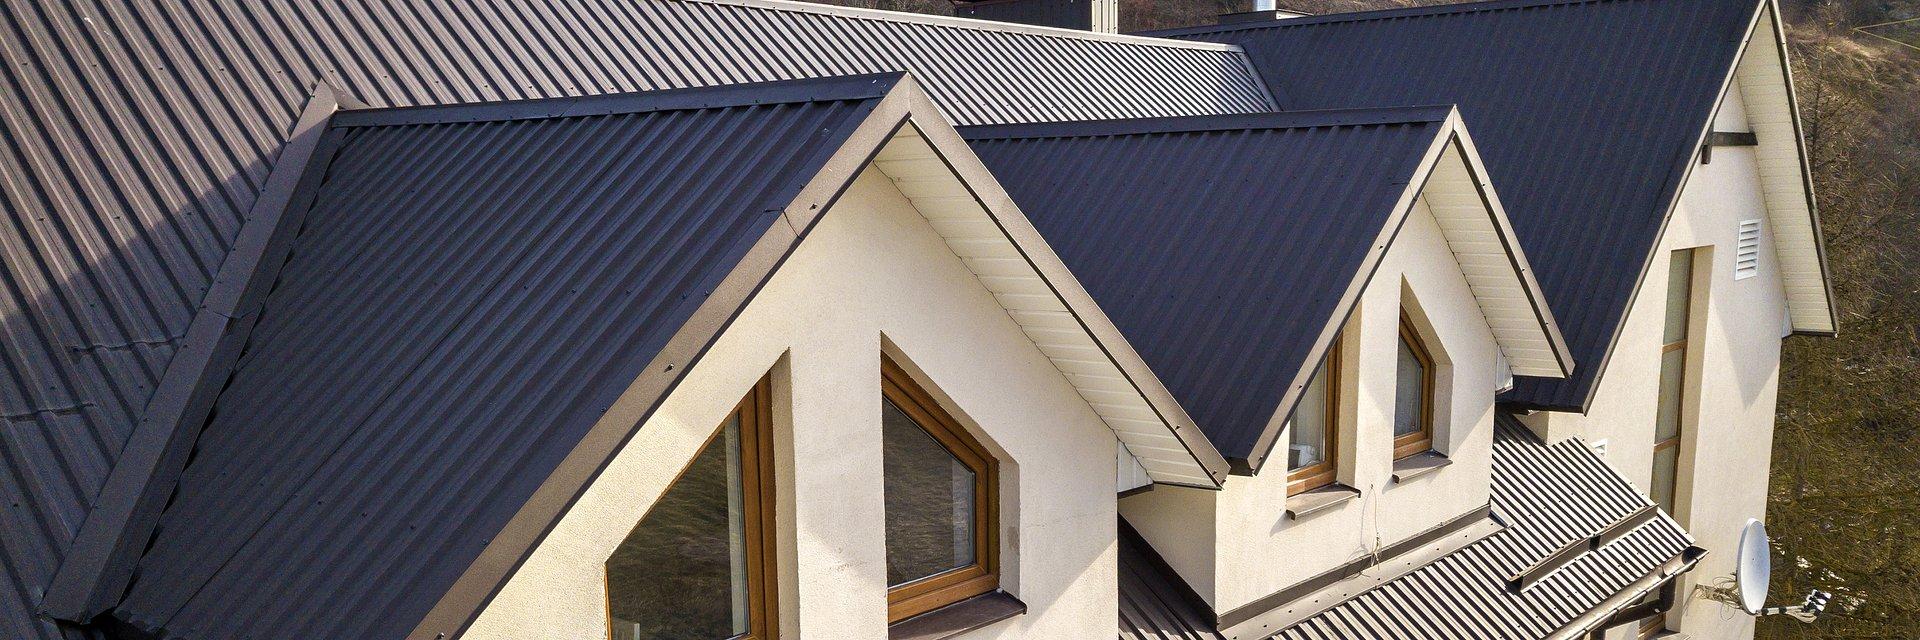 Metalowy dach w ekstremalnych warunkach termicznych. Jaką membranę wybrać?